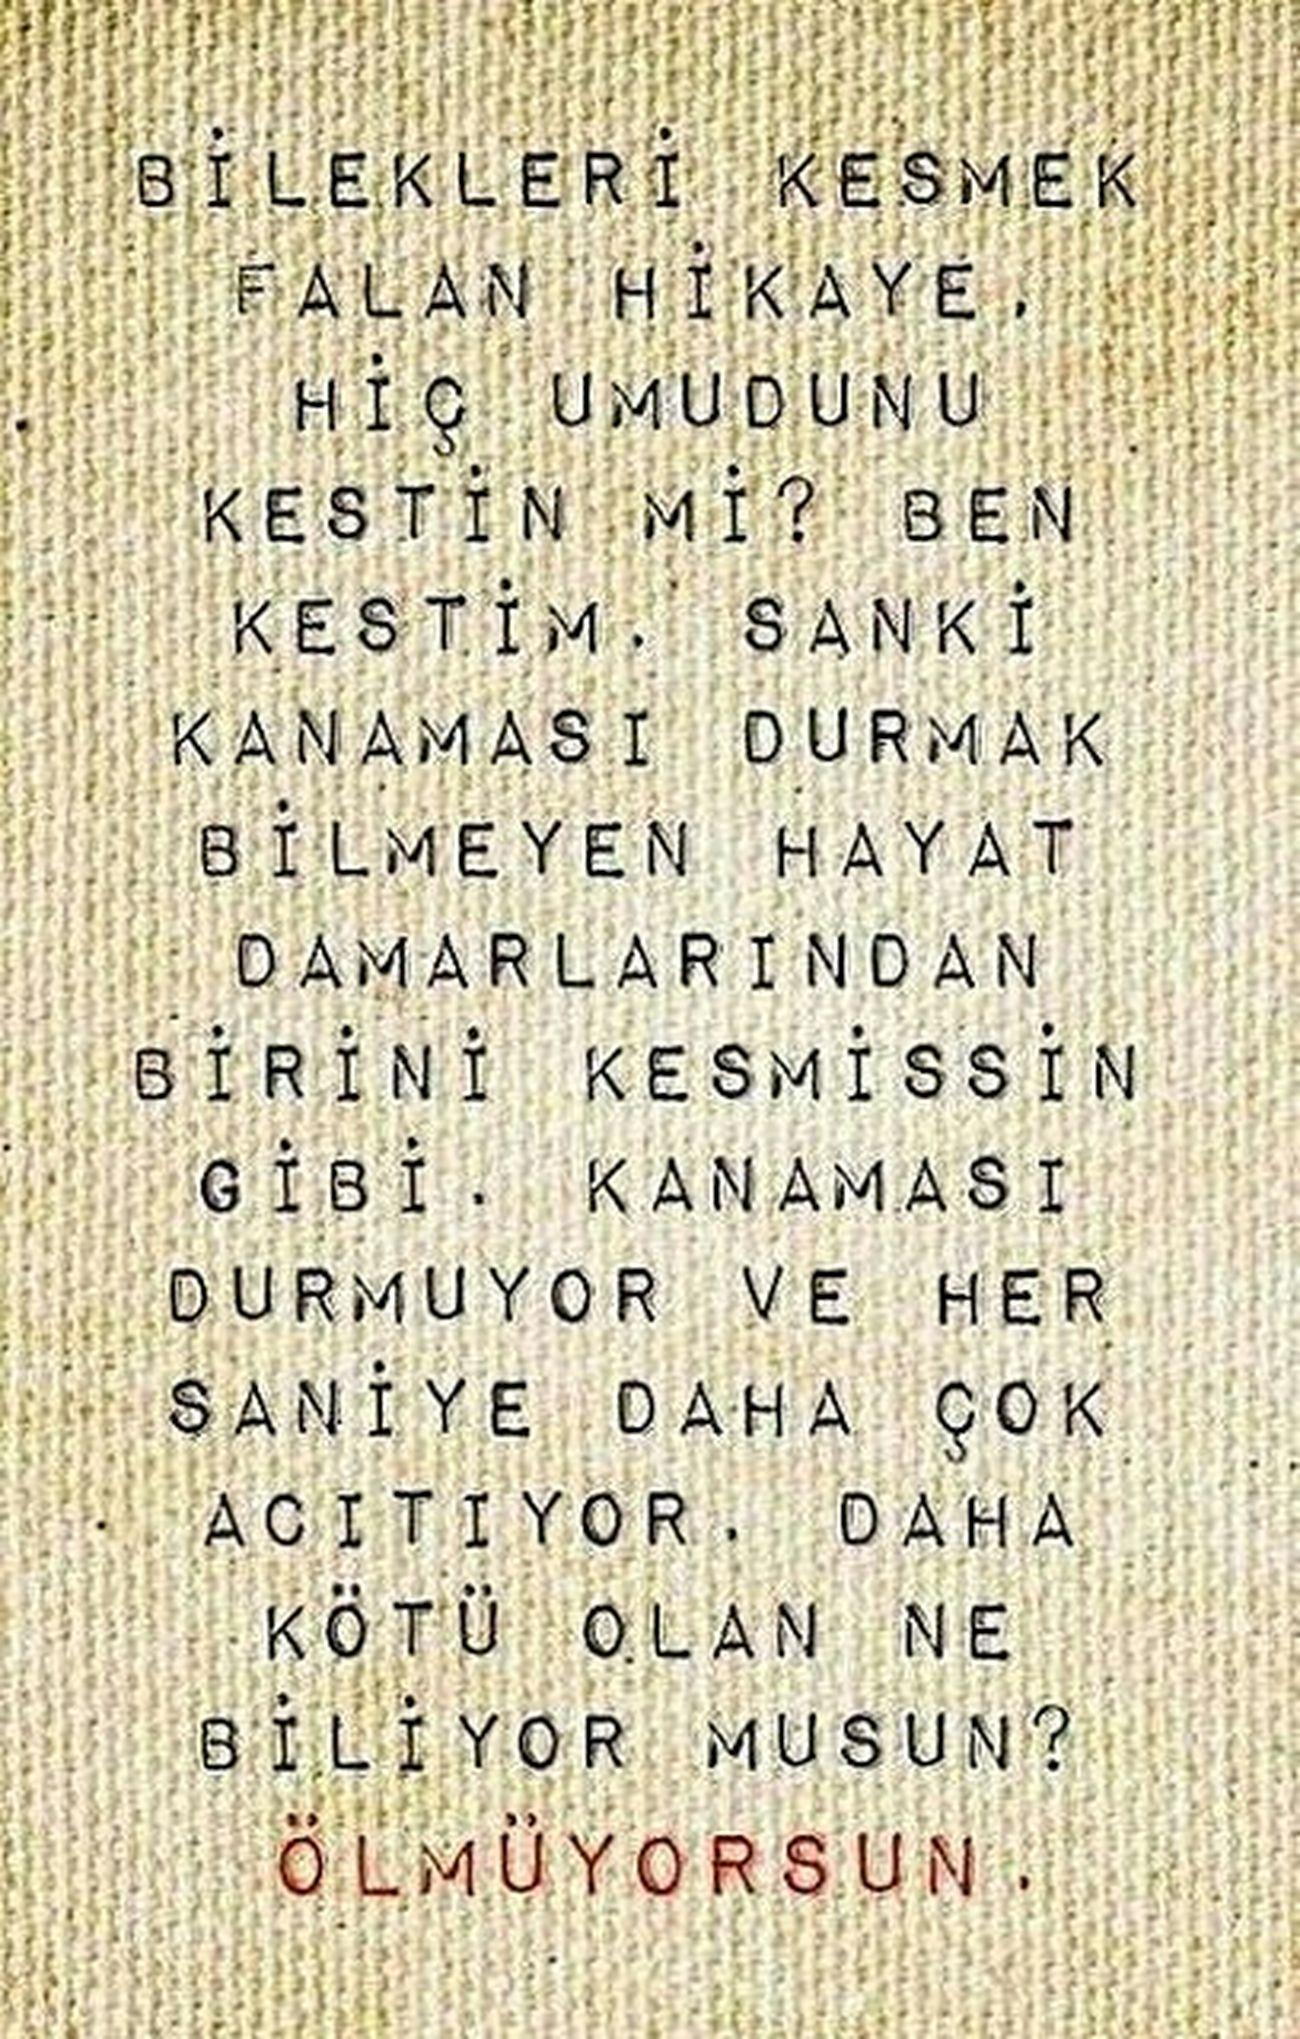 Edebiyat Siirsokakta Siir Siirdunyasi Siirheryerde Siirduvarda Siirhayatta Siirler Siirsokakta Siirheryerde Siirinibiraktim #şair #şiirkokusu #şiiraşkı #poem #poetry #poet #şiirsokakta #şiir Siirinibiraktim